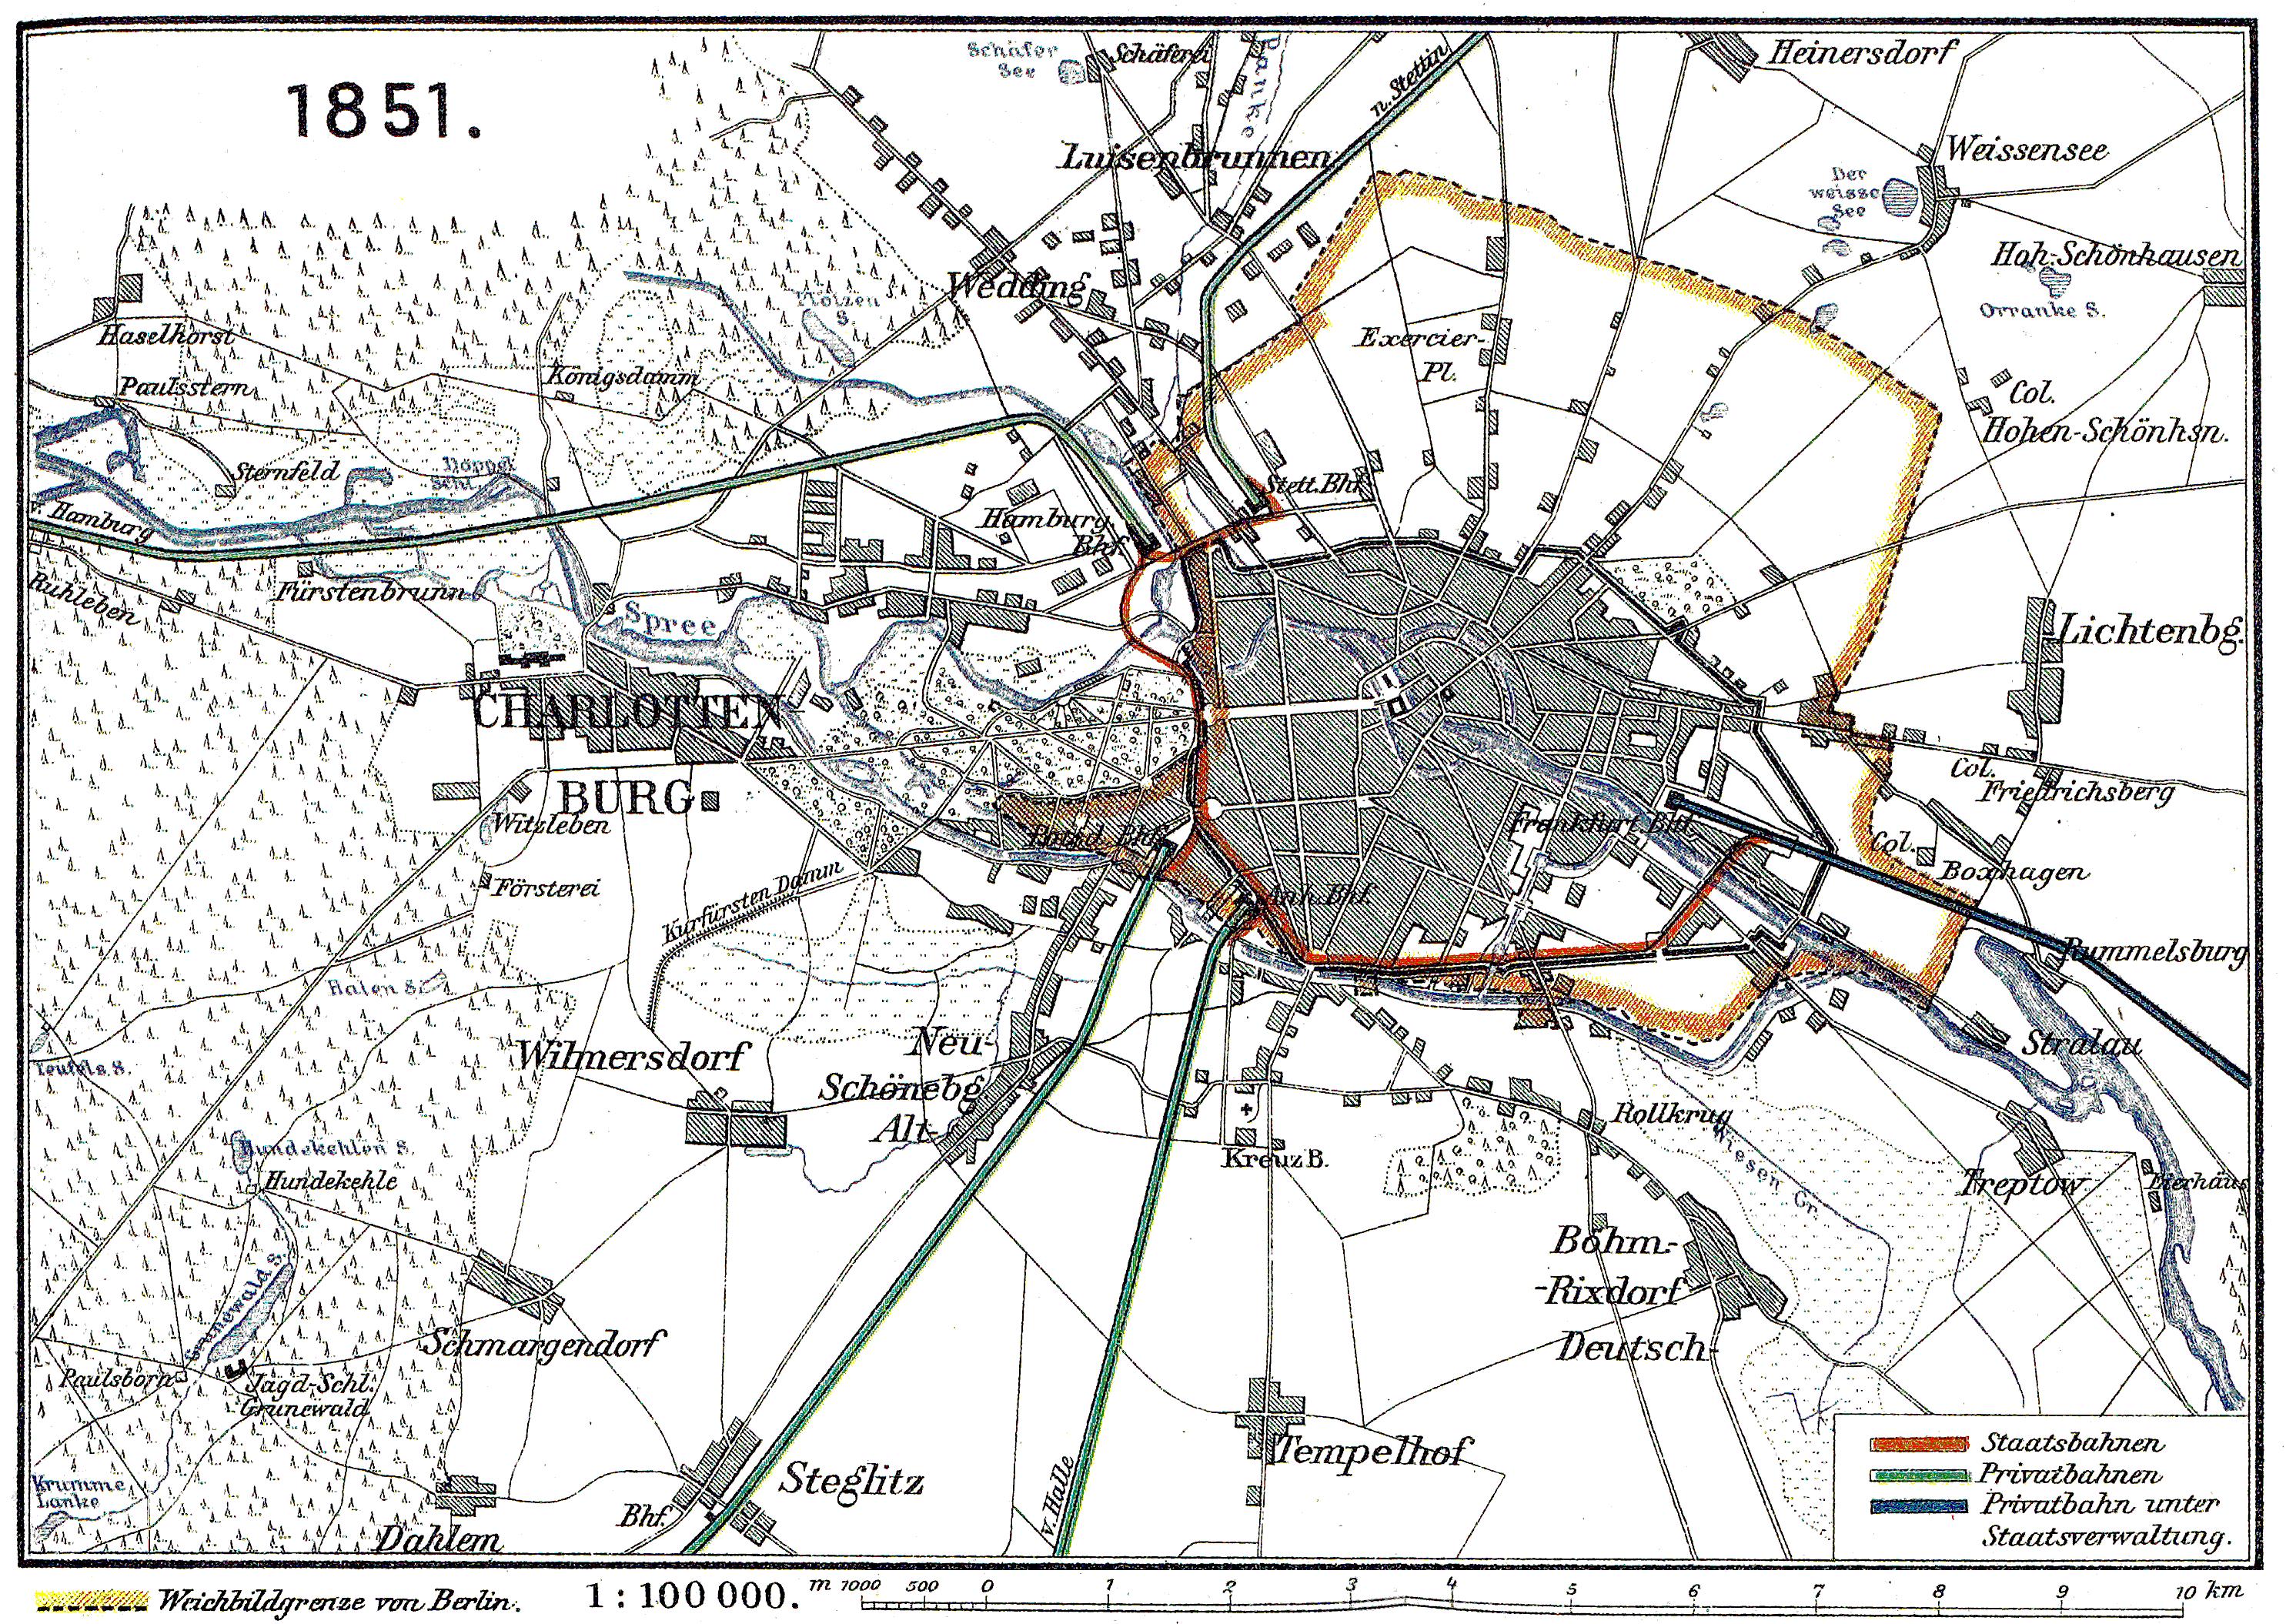 Karte der Berliner Verbindungsbahn, Plan von 1851